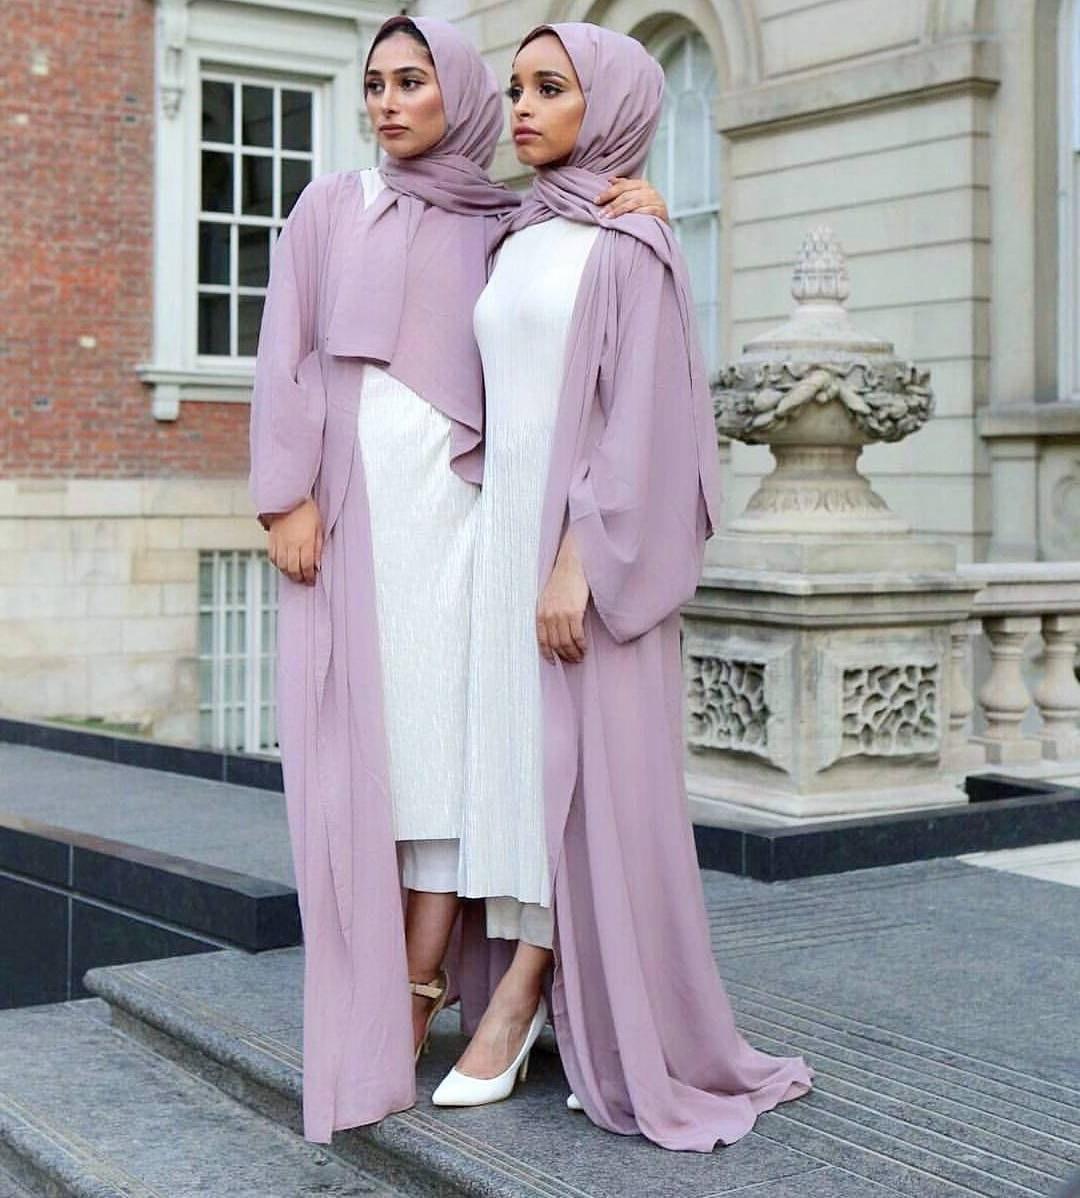 Bentuk Baju Lebaran Dewasa 2018 Txdf 50 Model Baju Lebaran Terbaru 2018 Modern & Elegan